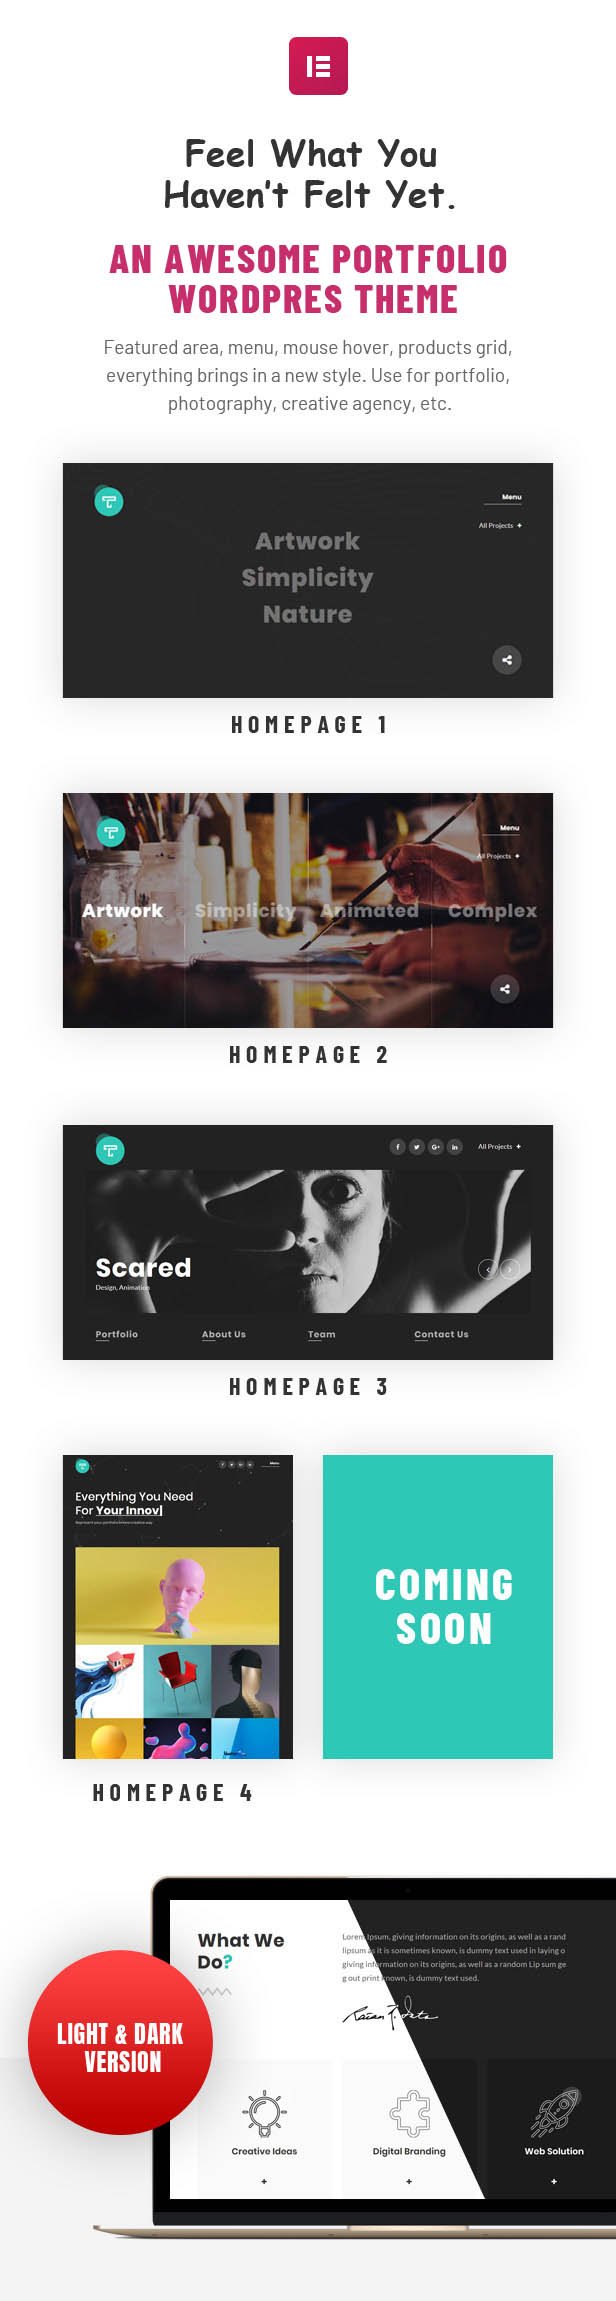 Tacon - A Showcase Portfolio WordPress Theme - 2